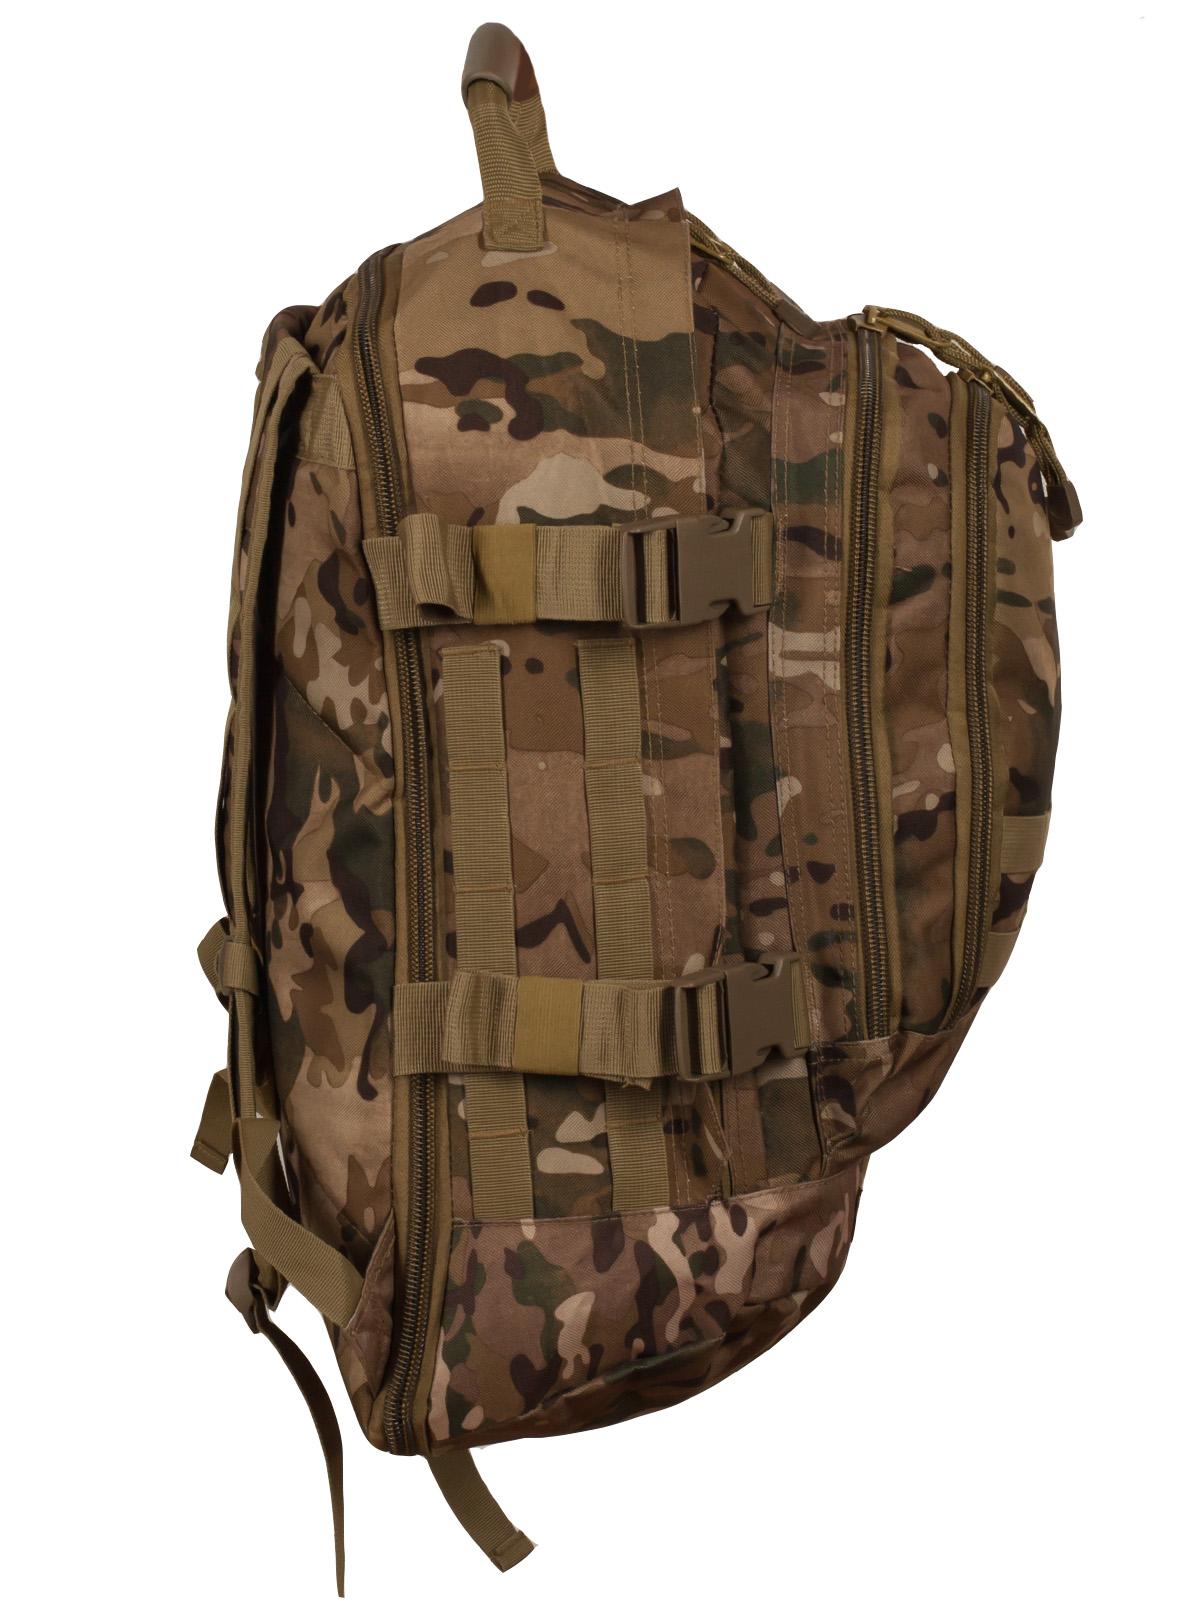 Зачетный трехдневный рюкзак с нашивкой Потомственный Казак - заказать с доставкой